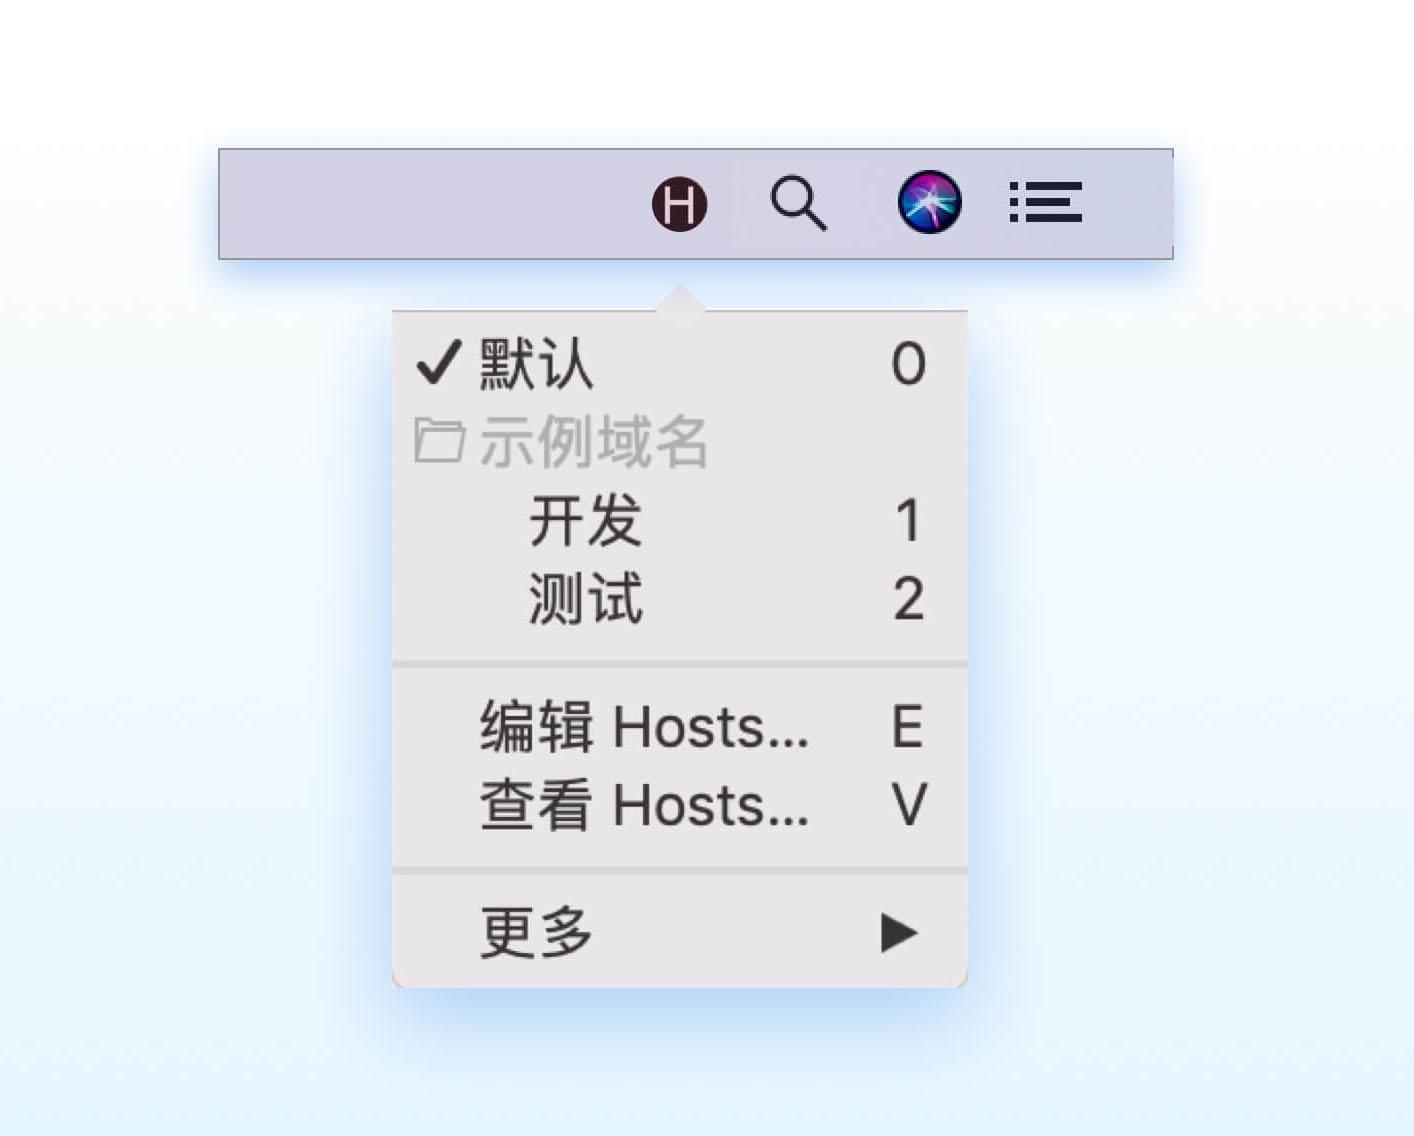 美国云服务器_香港cn2_iHosts 一款MAC上修改hosts文件的软件